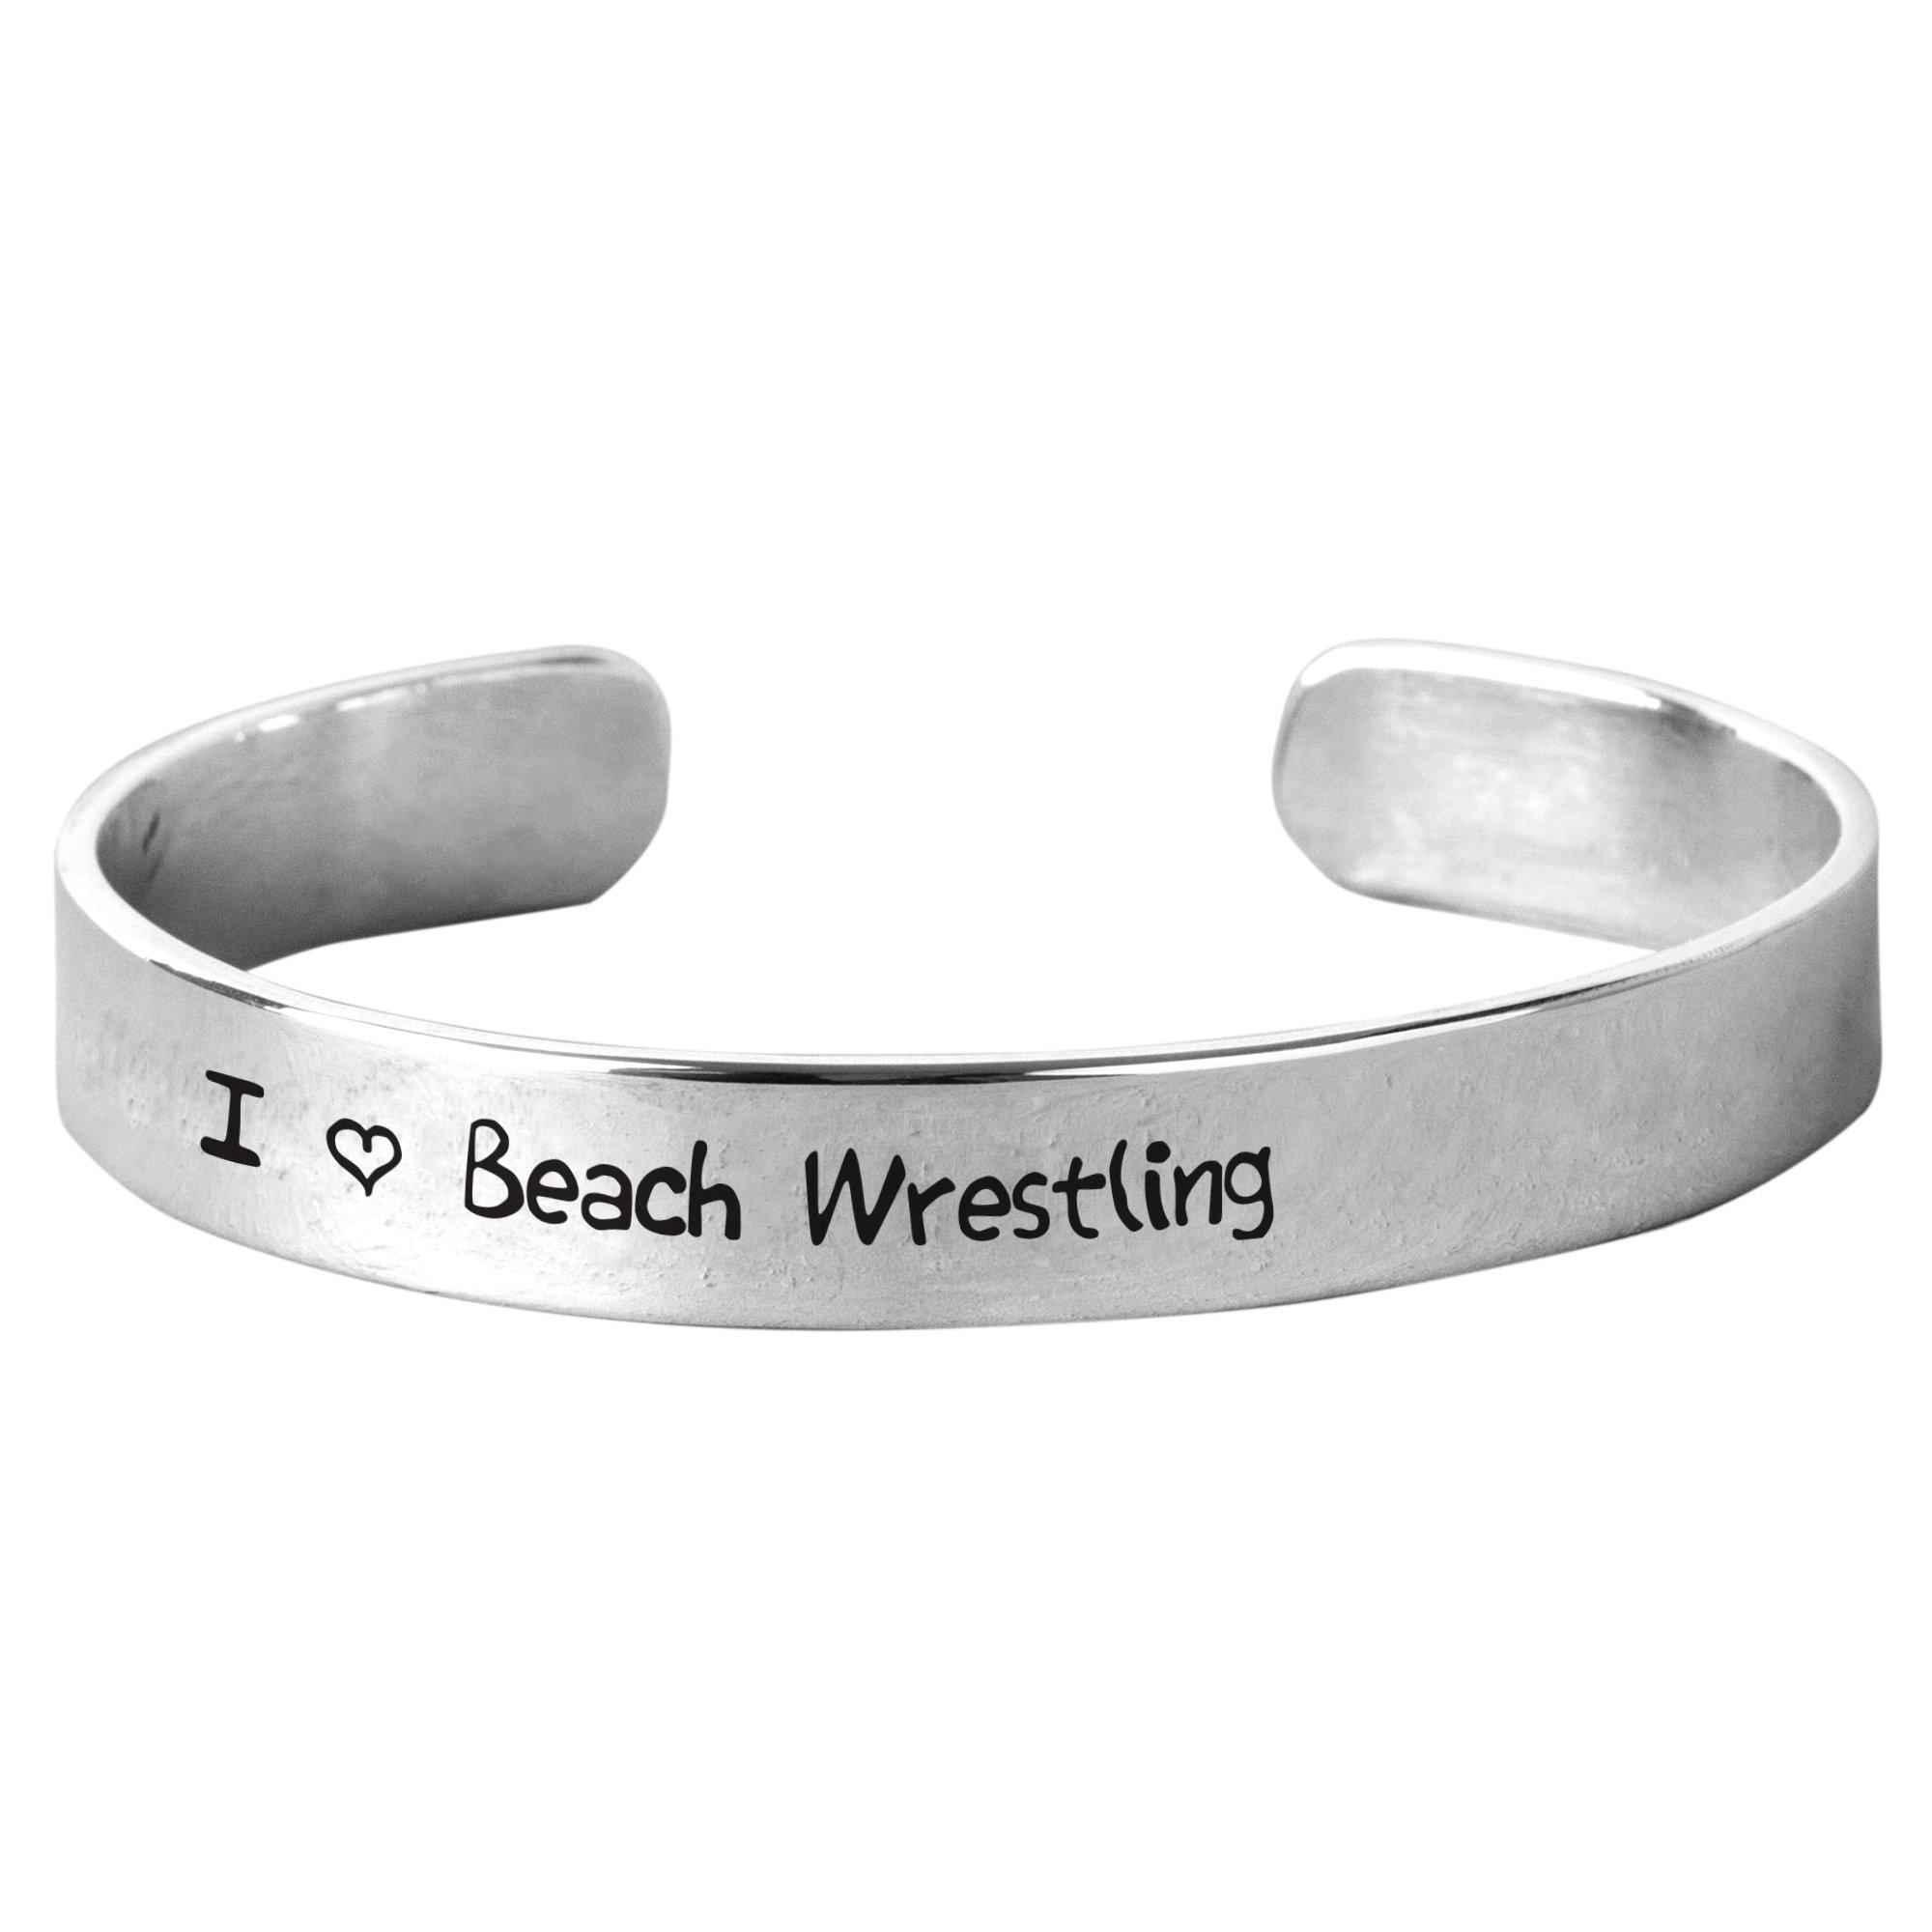 I Love Beach Wrestling - Unisex Hand-Stamped Aluminium Bracelet by NanaTheNoodle